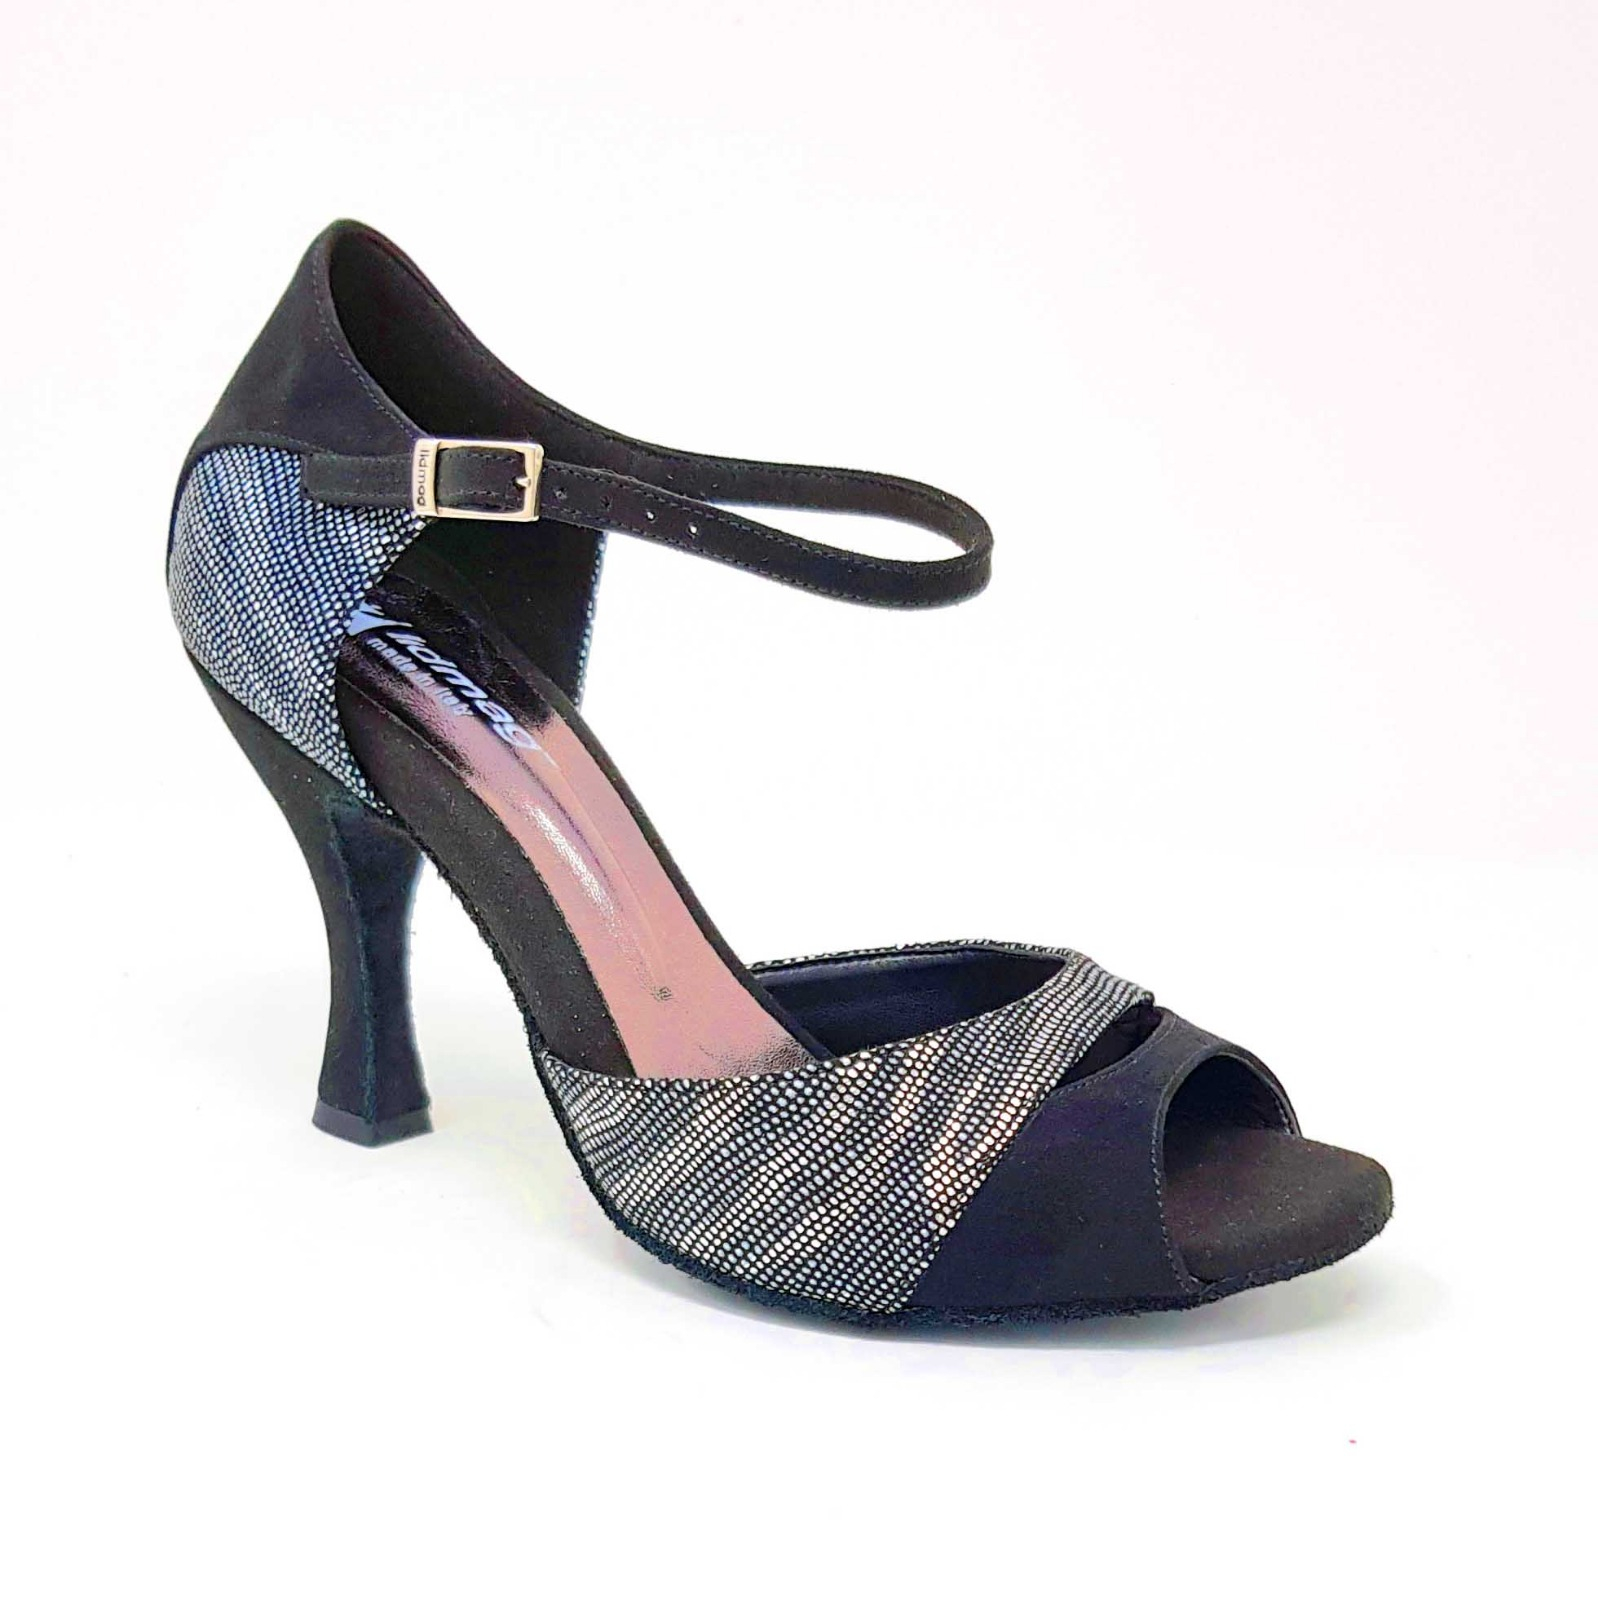 Scarpe da tango e/o  caraibici tacco a rocchetto cm 6 camoscio nero  e pelle rettile